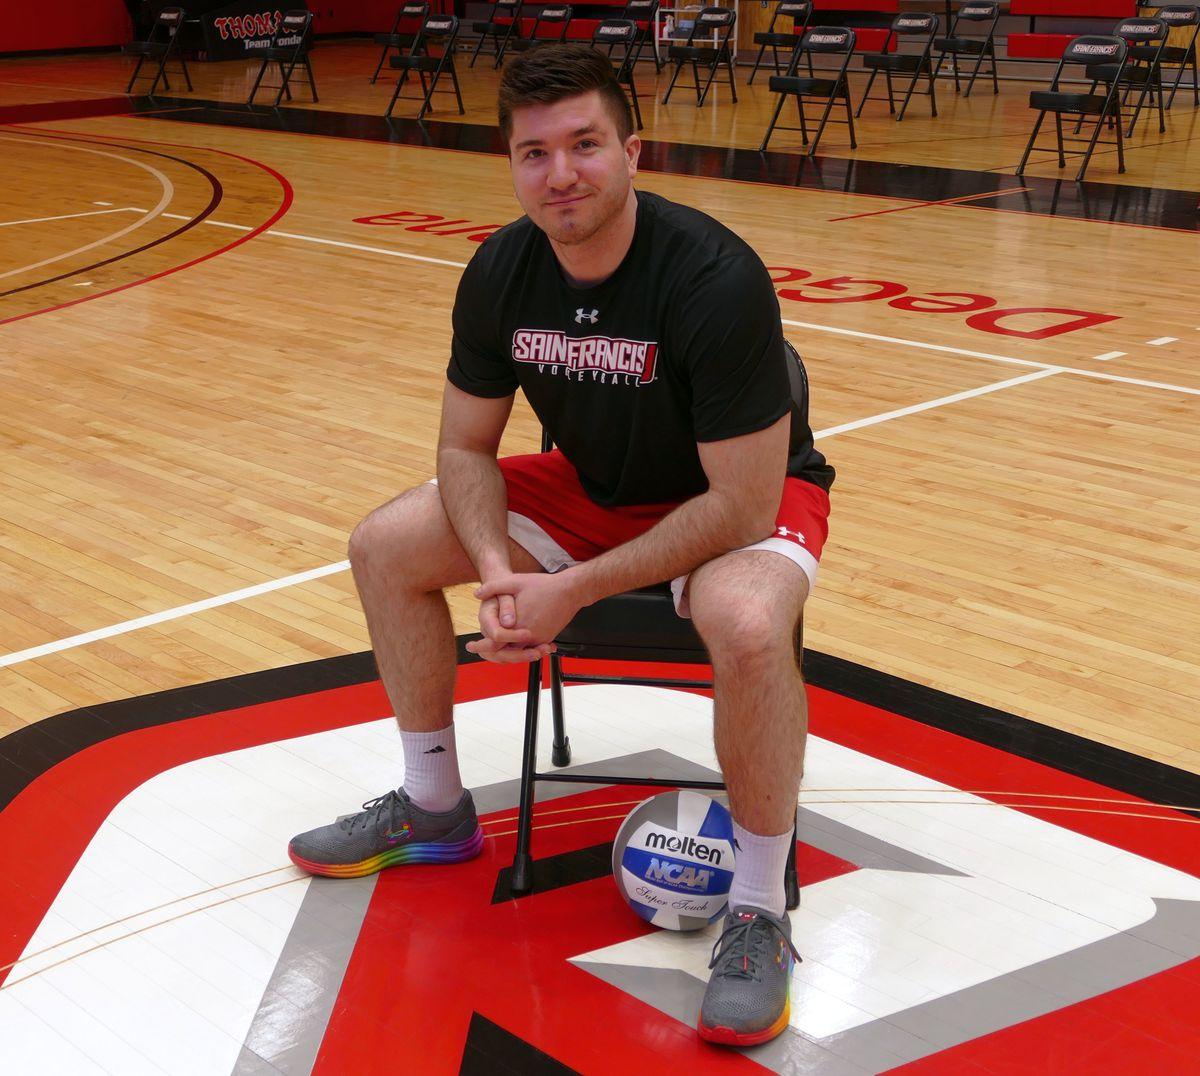 Shaughn McDonald rocks his Pride shoes at the St. Francis gym.